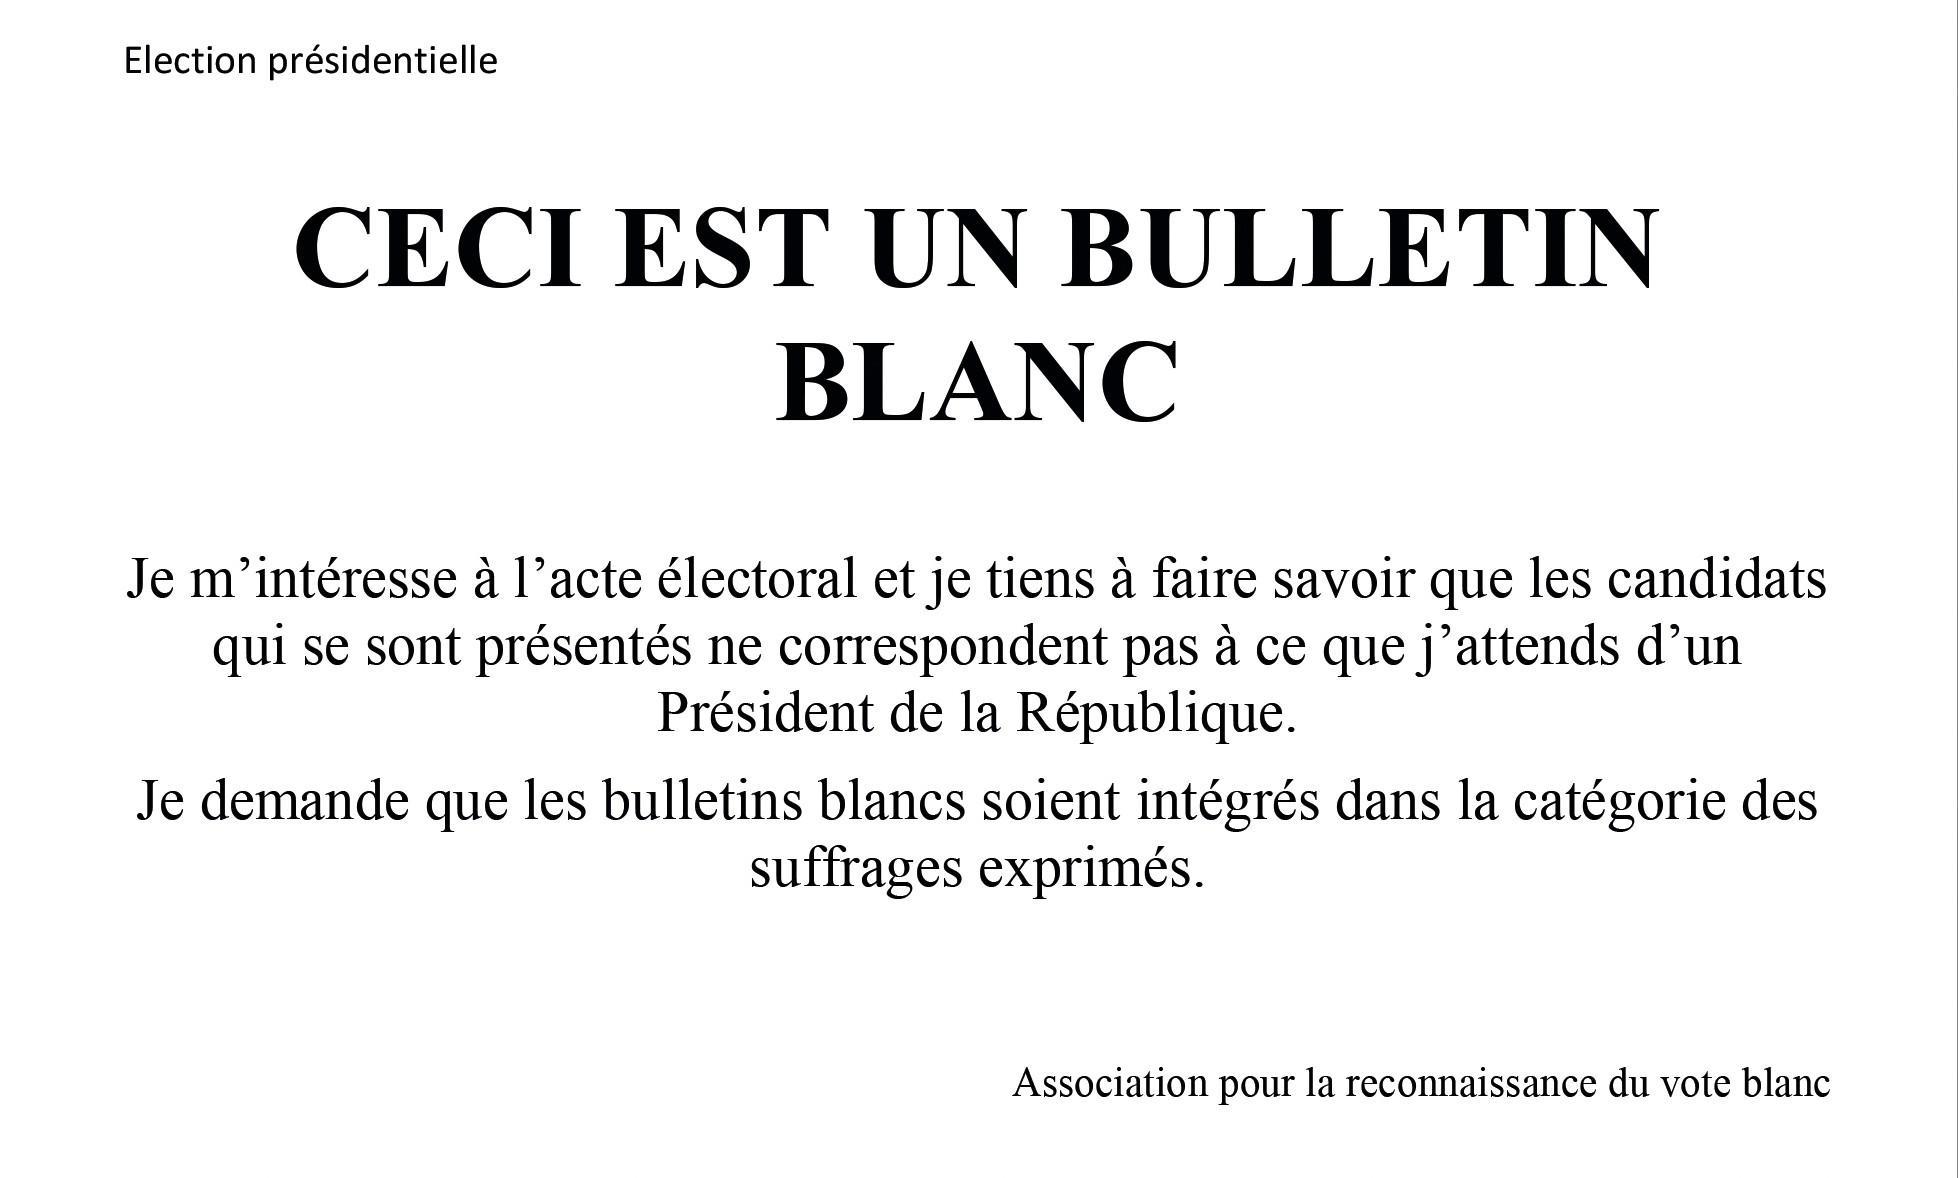 Bulletin de vote élaboré par l'Association pour la reconnaissance du vote blanc.